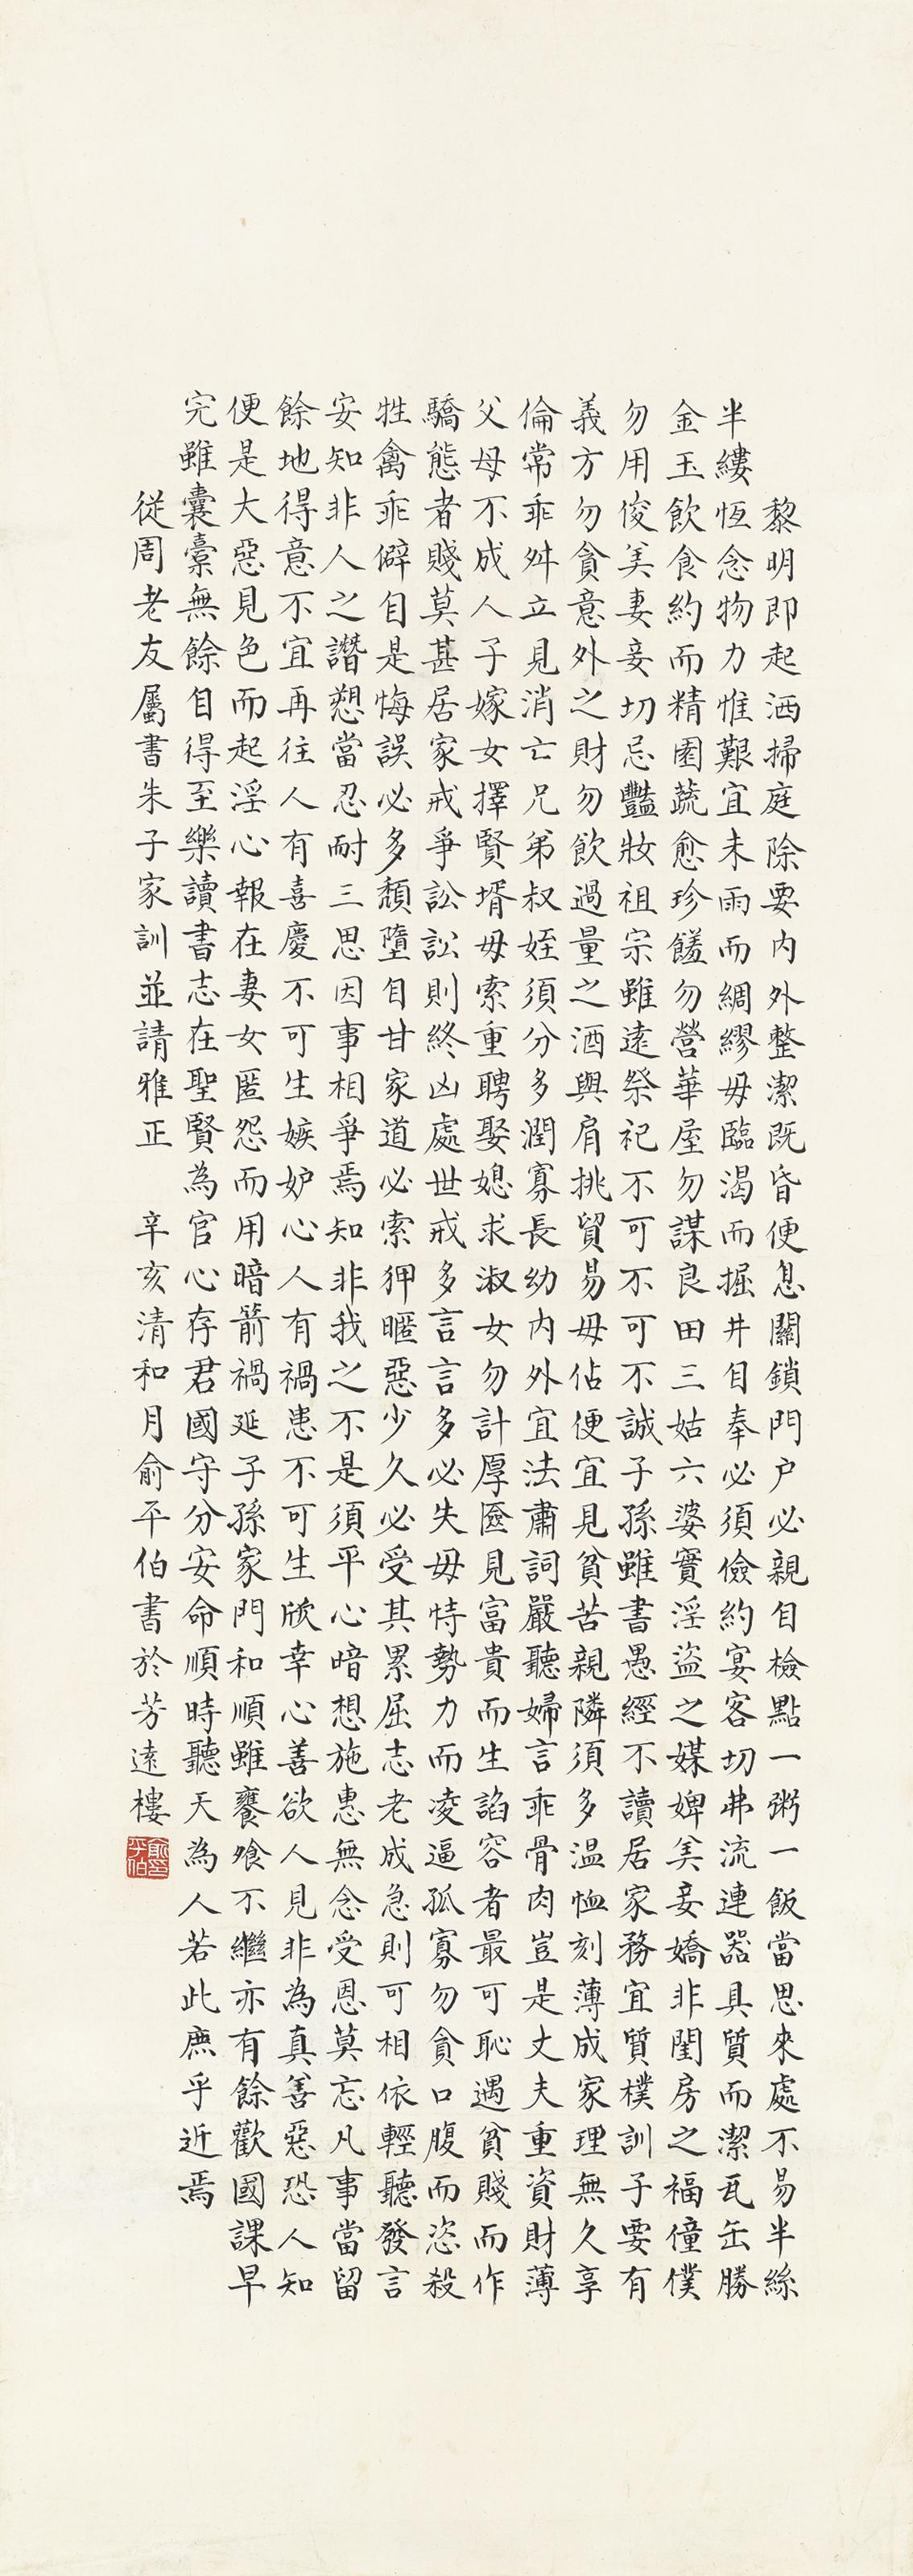 YU PINGBO (1900-1990)